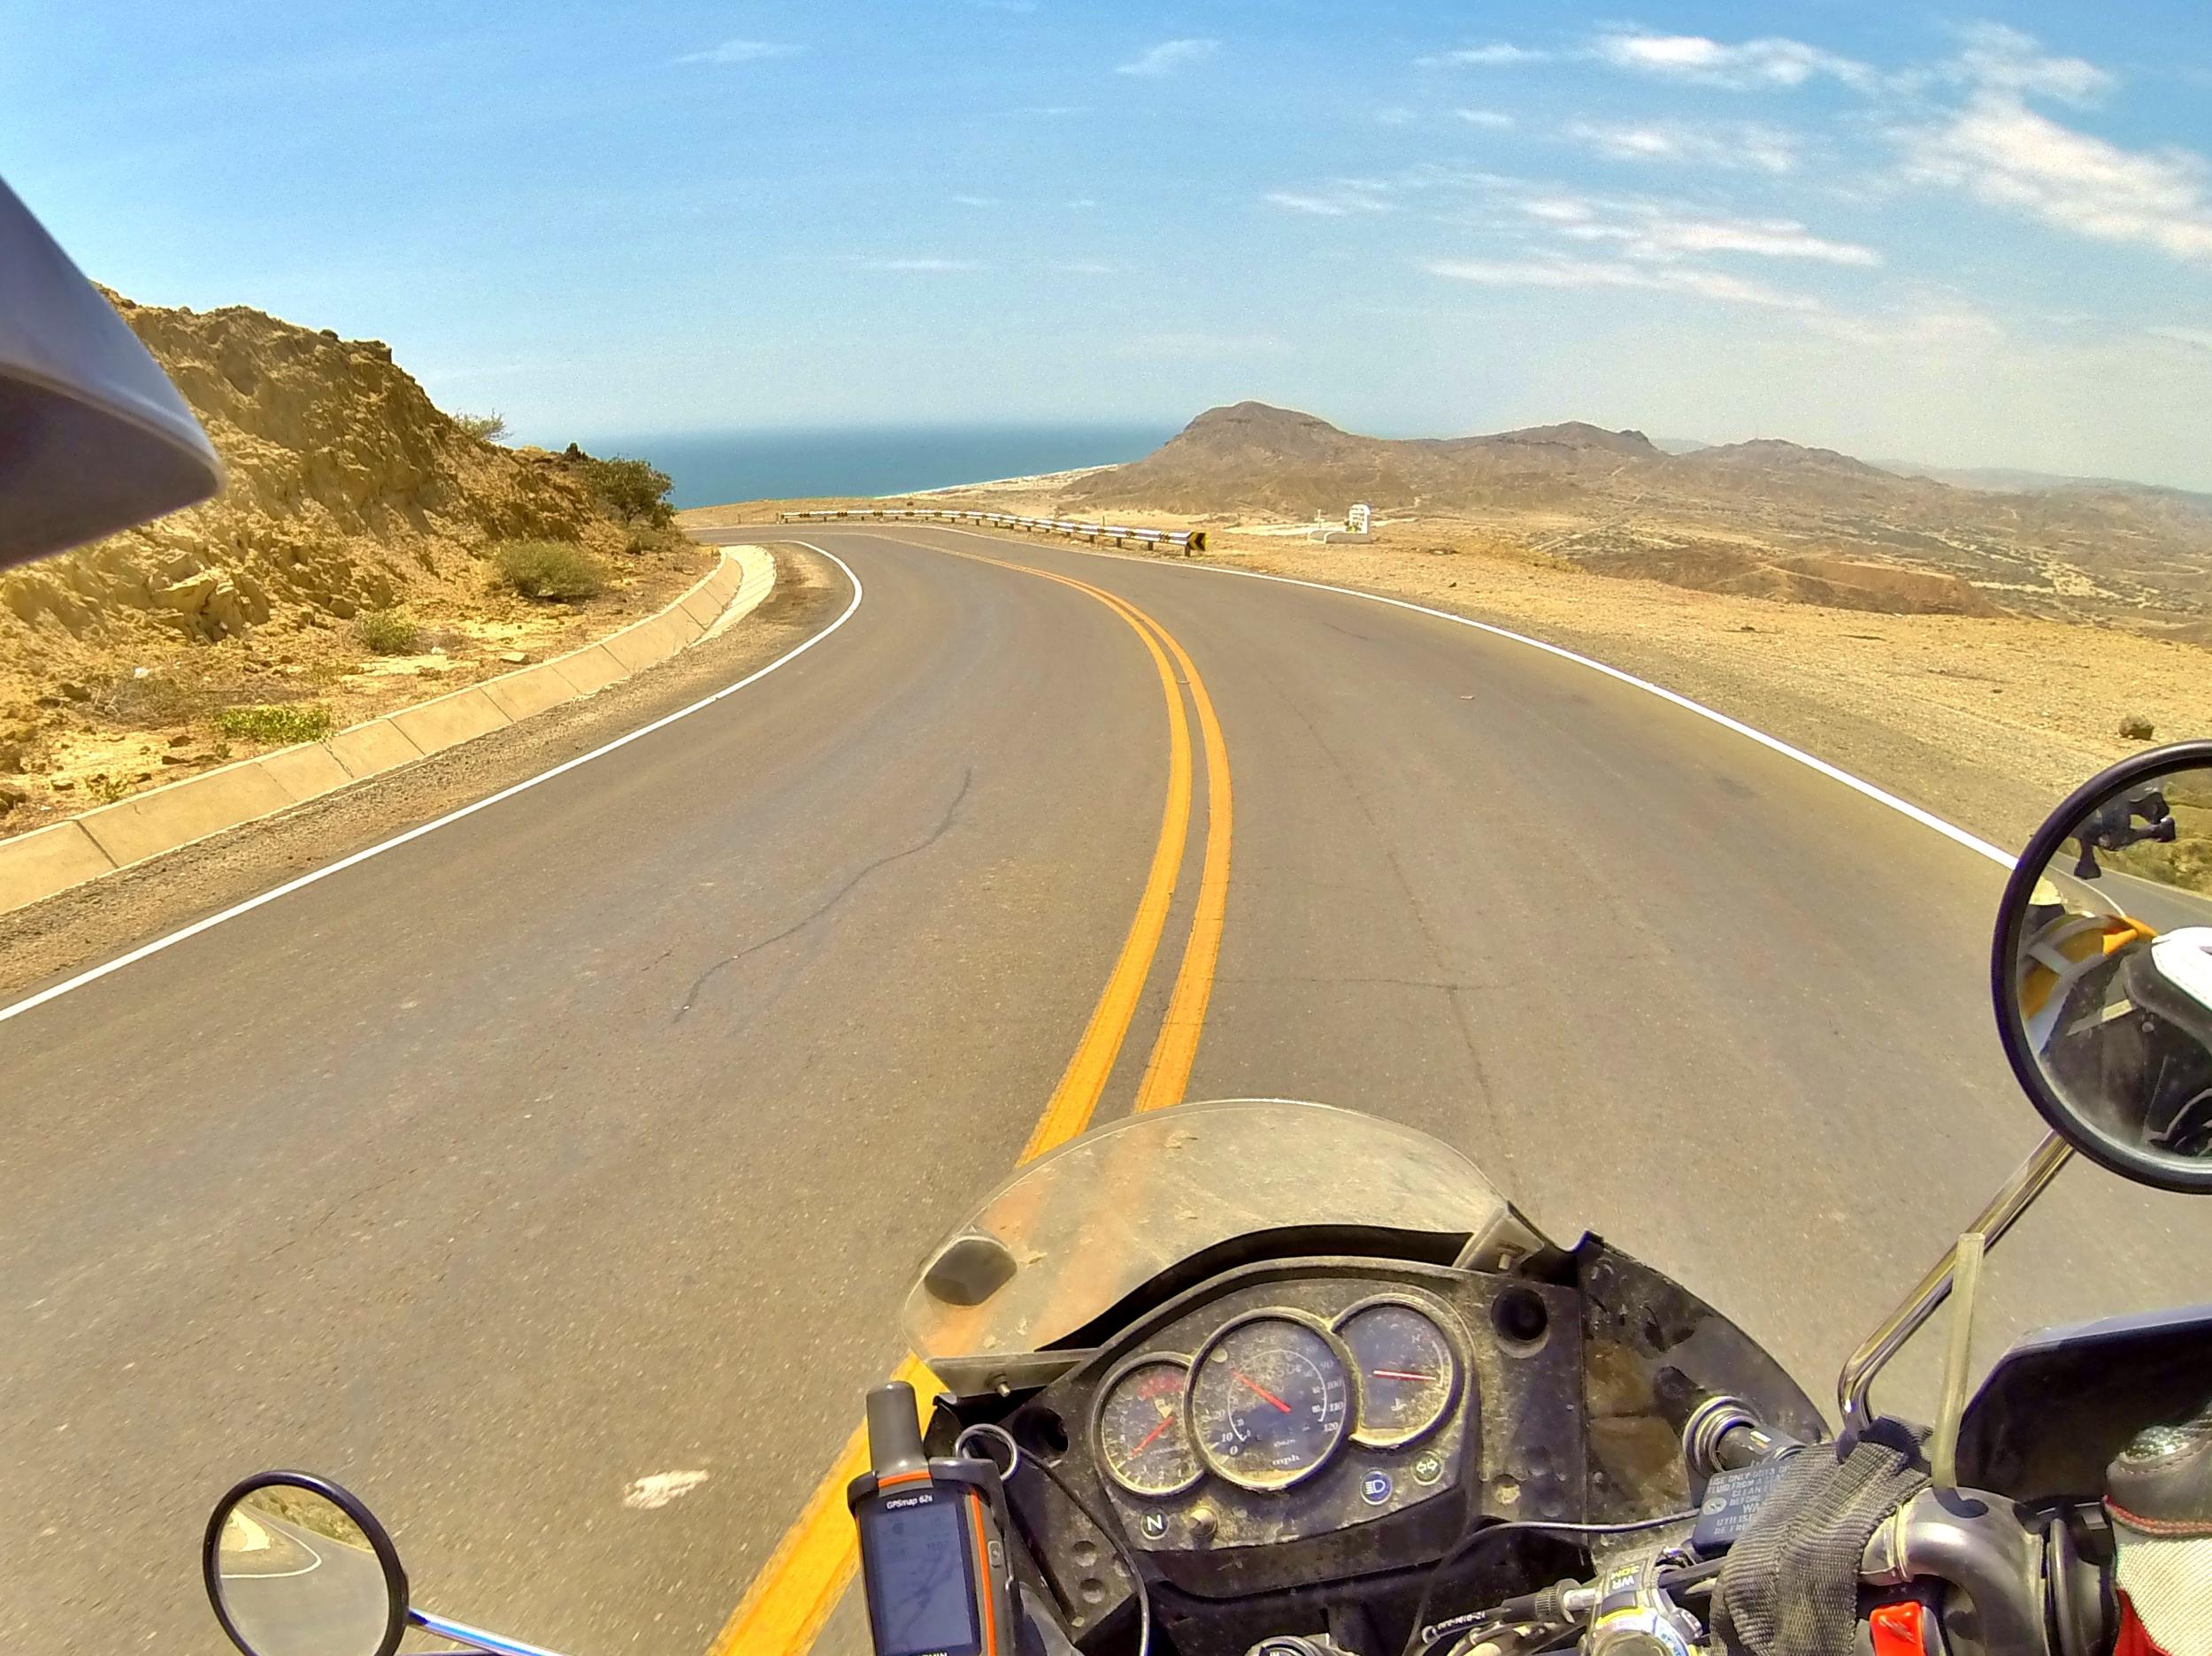 Ocean up ahead